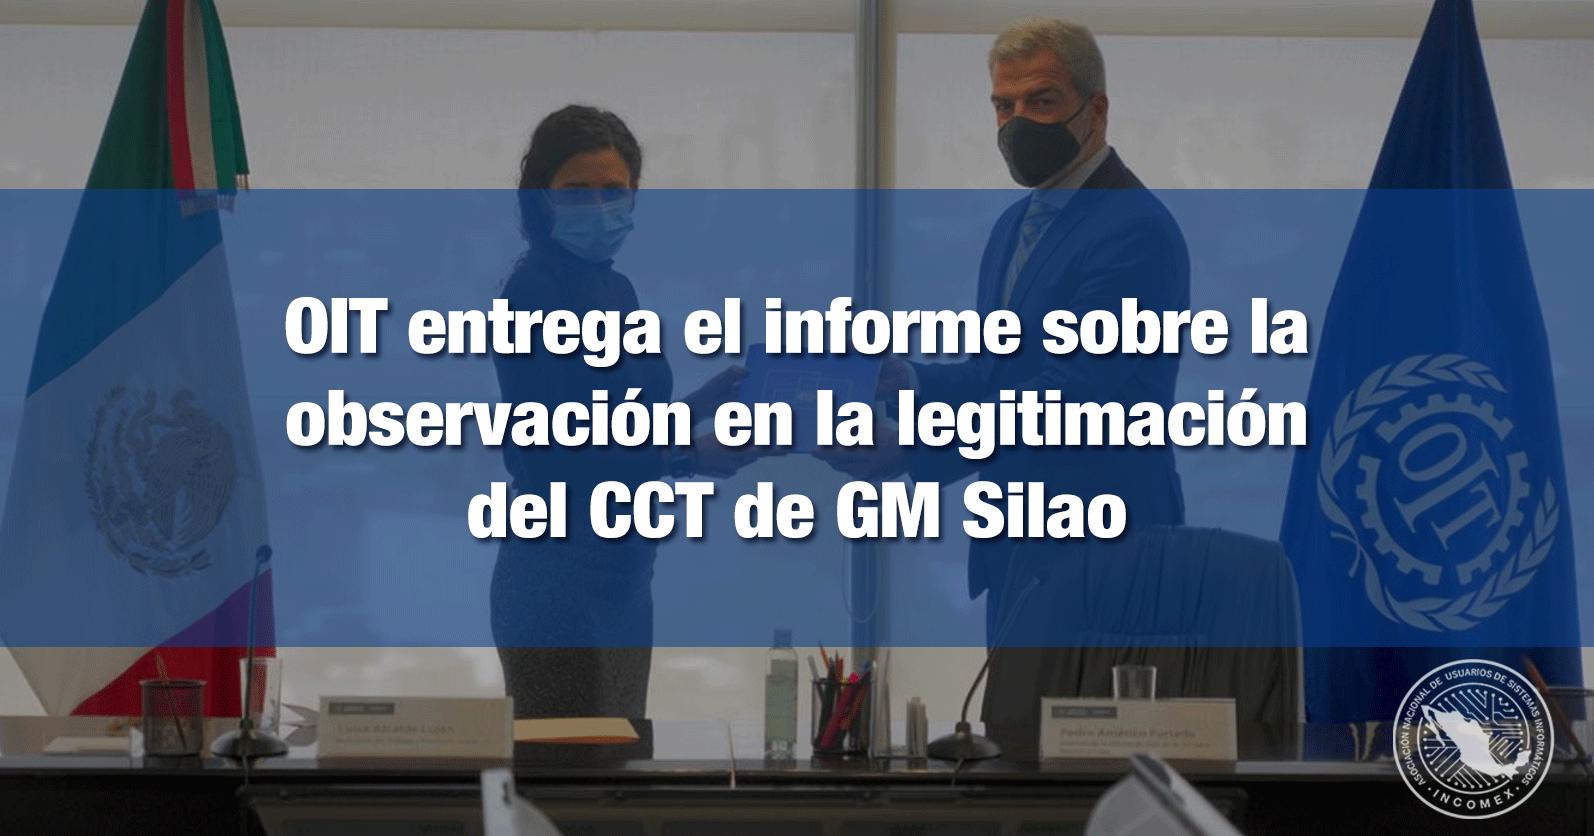 OIT entrega el informe sobre la observación en la legitimación del CCT de GM Silao